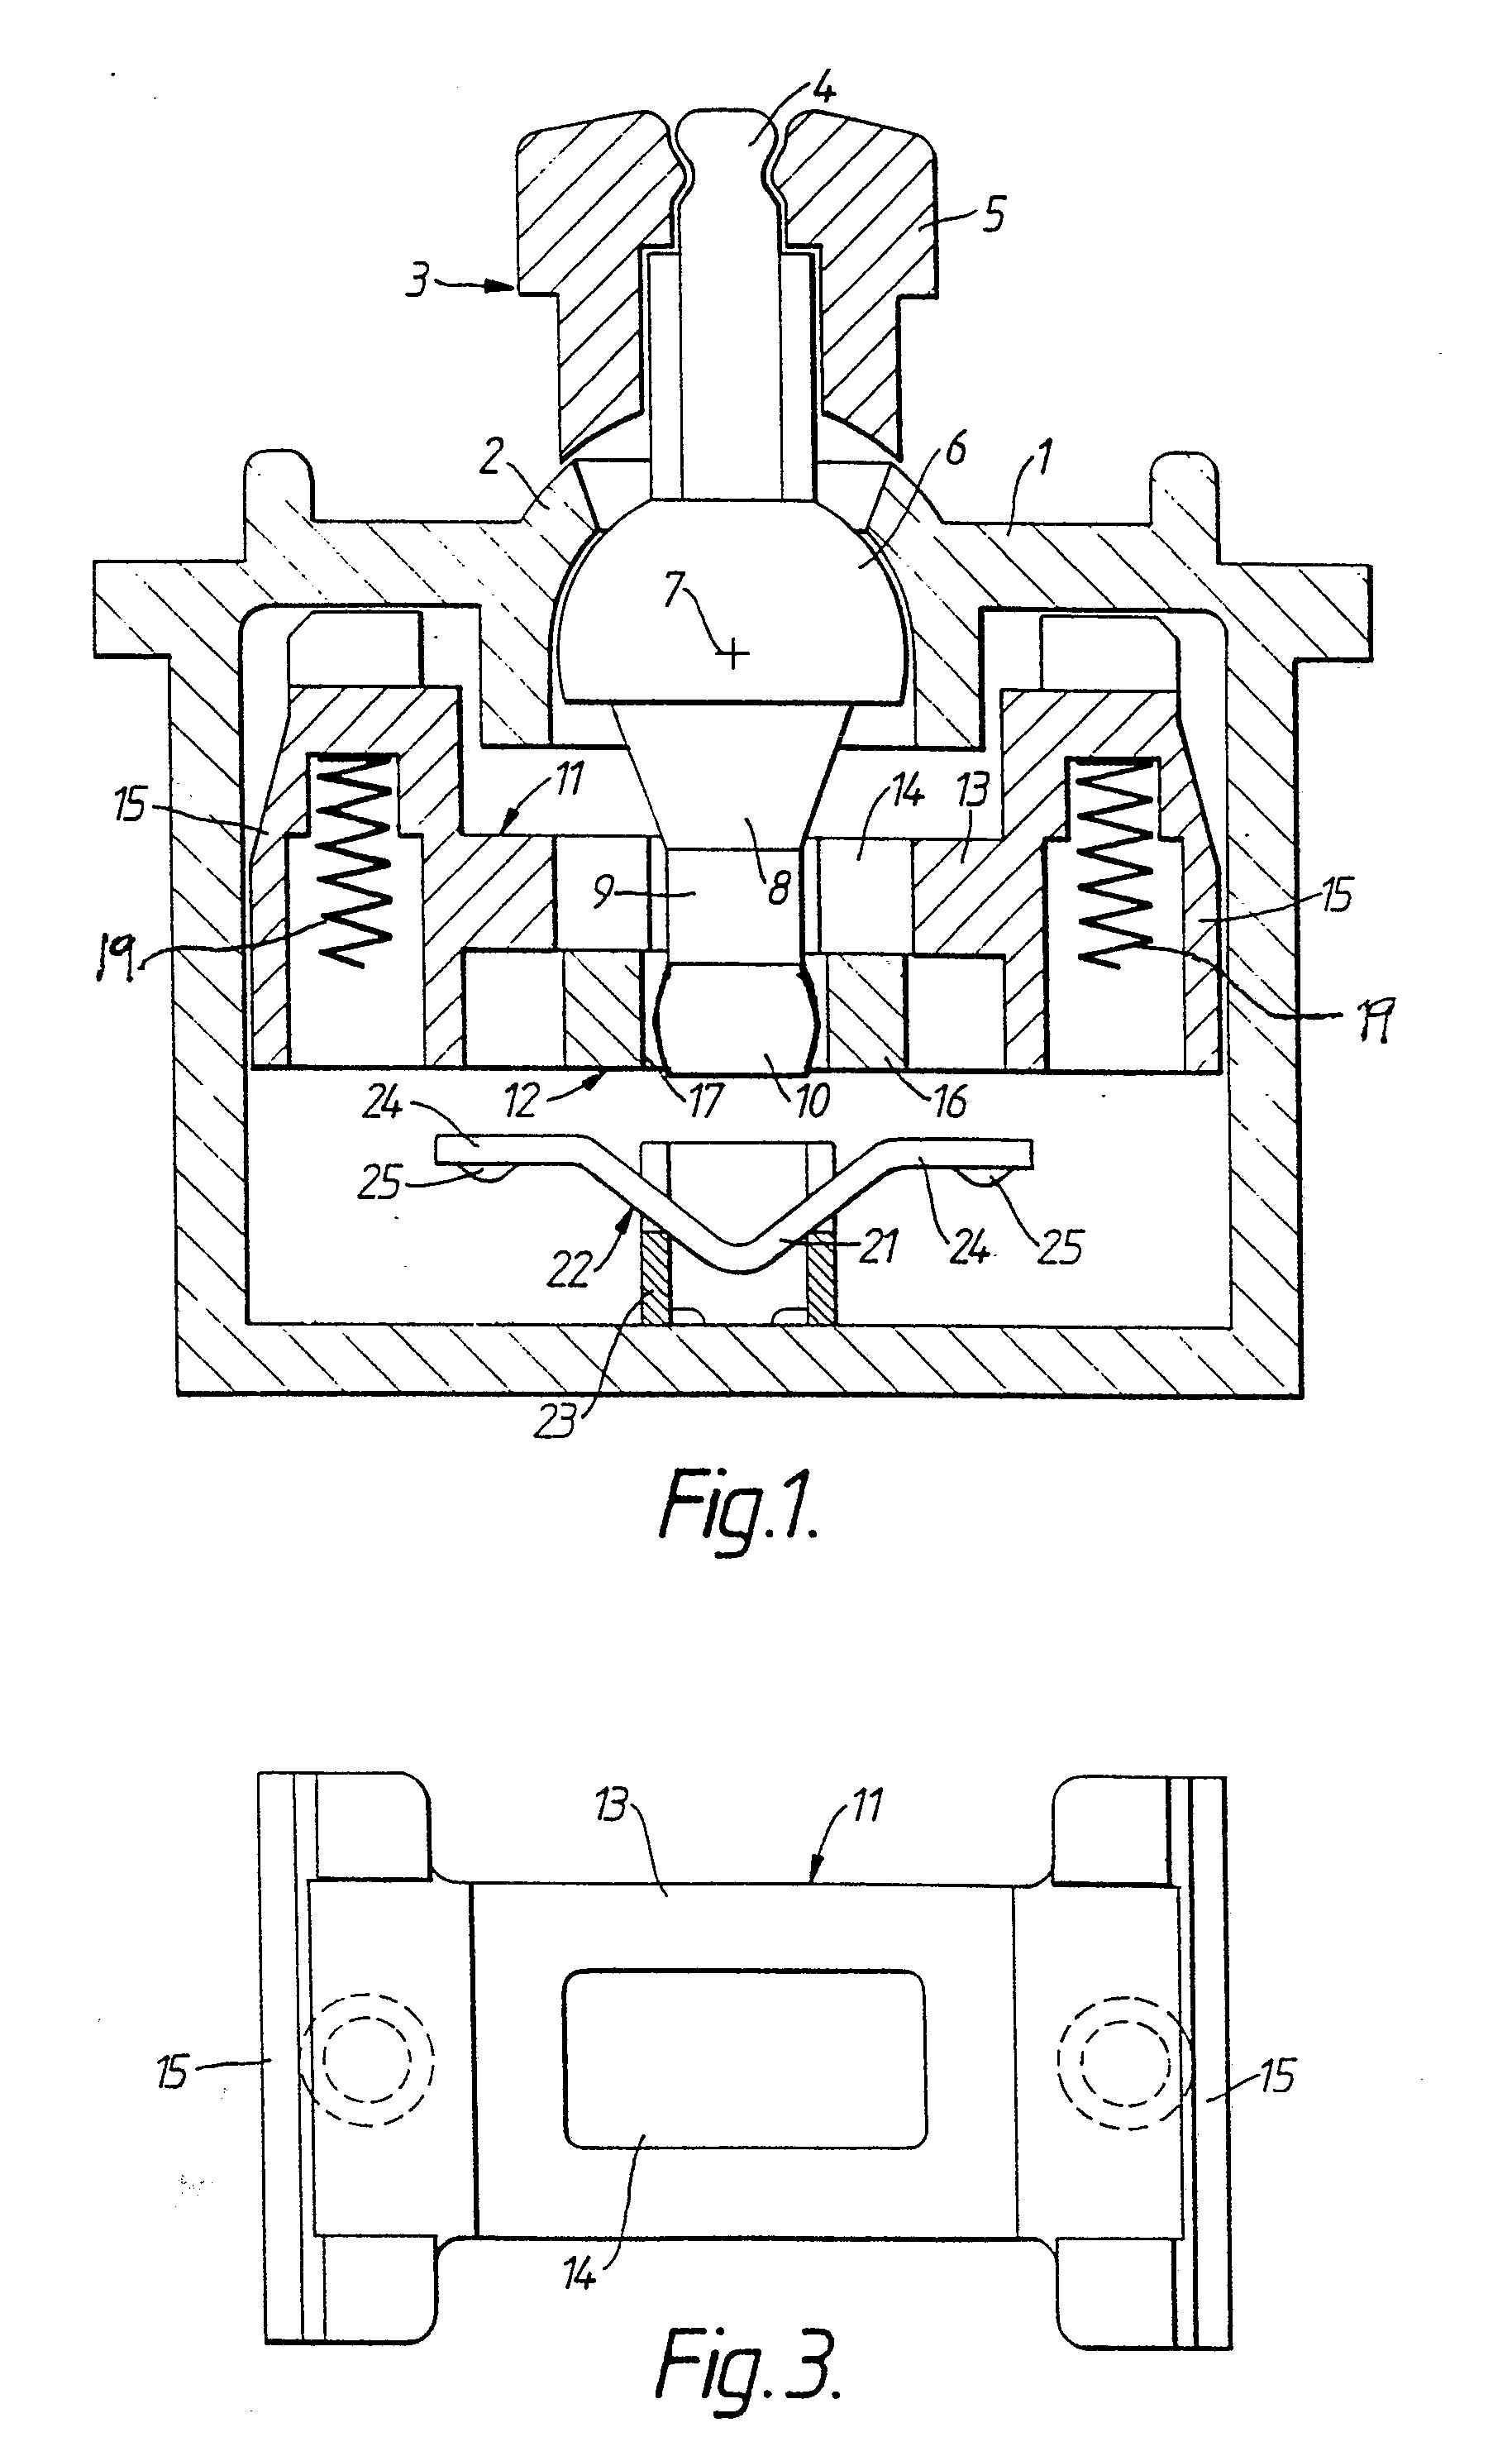 专利ep0348202a2 - electrical